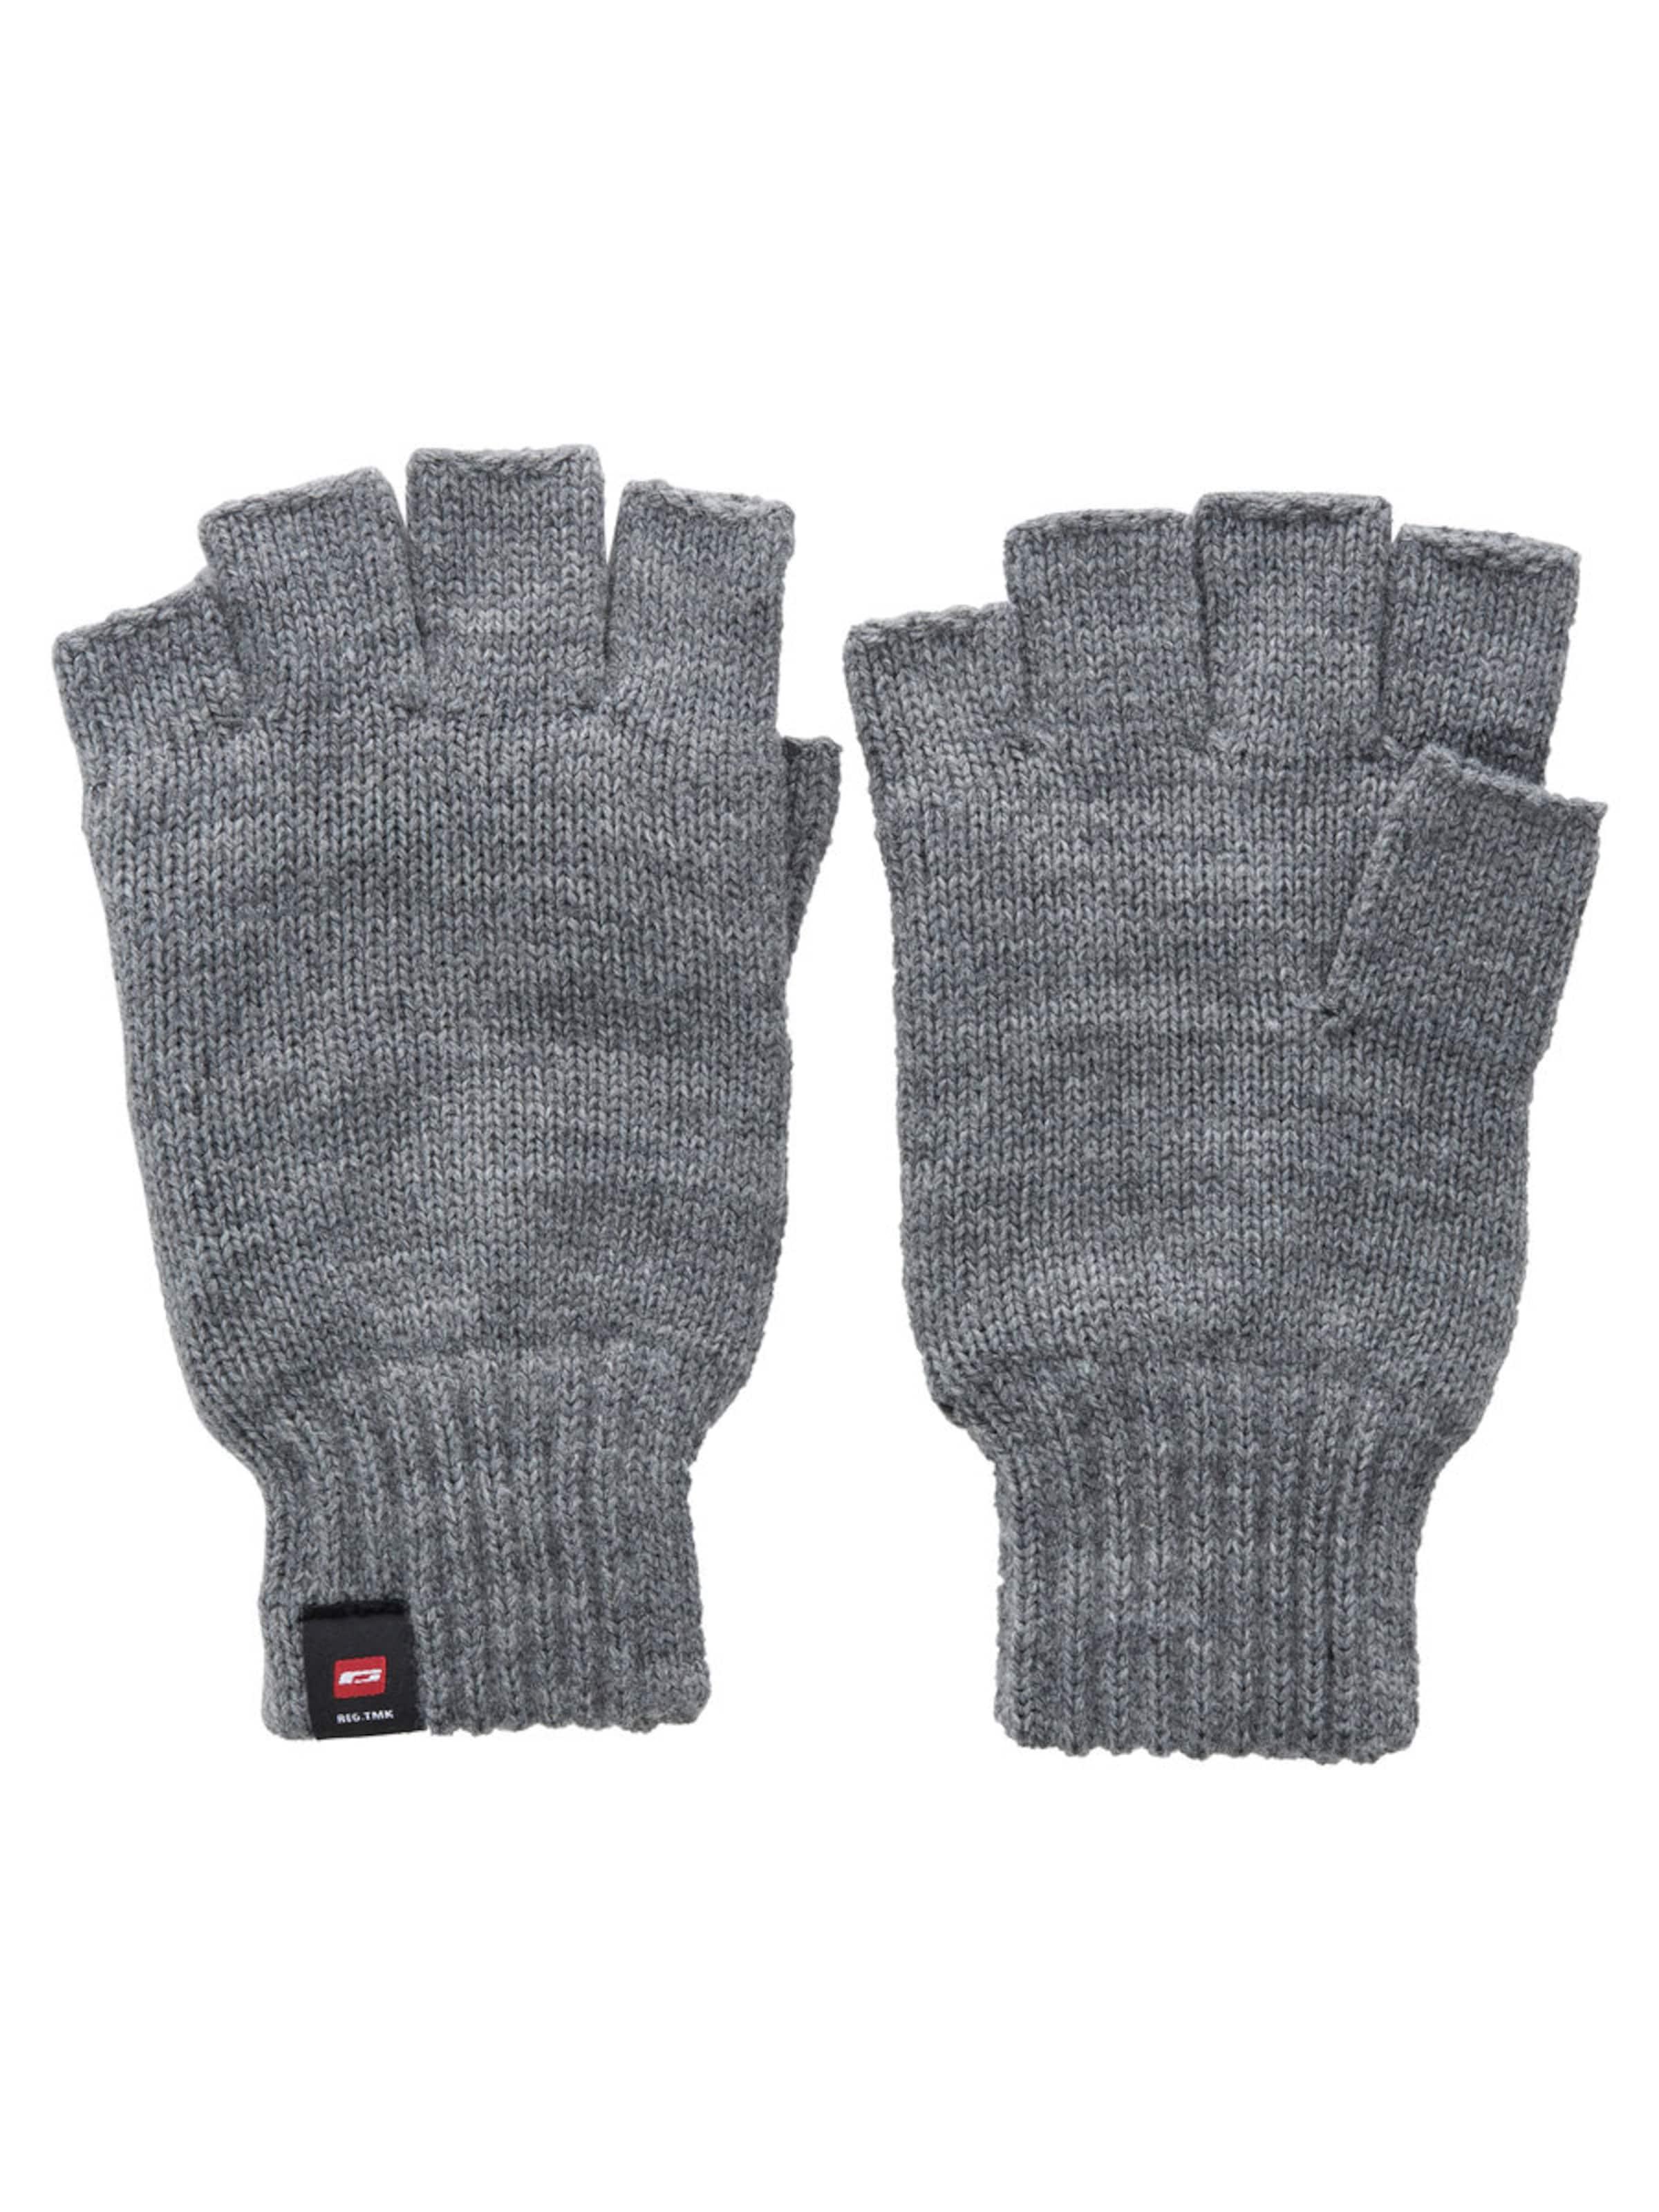 Jones Jones Kurzfingerhandschuhe Jackamp; Kurzfingerhandschuhe Jackamp; In Graumeliert Graumeliert In 2W9EIHYD